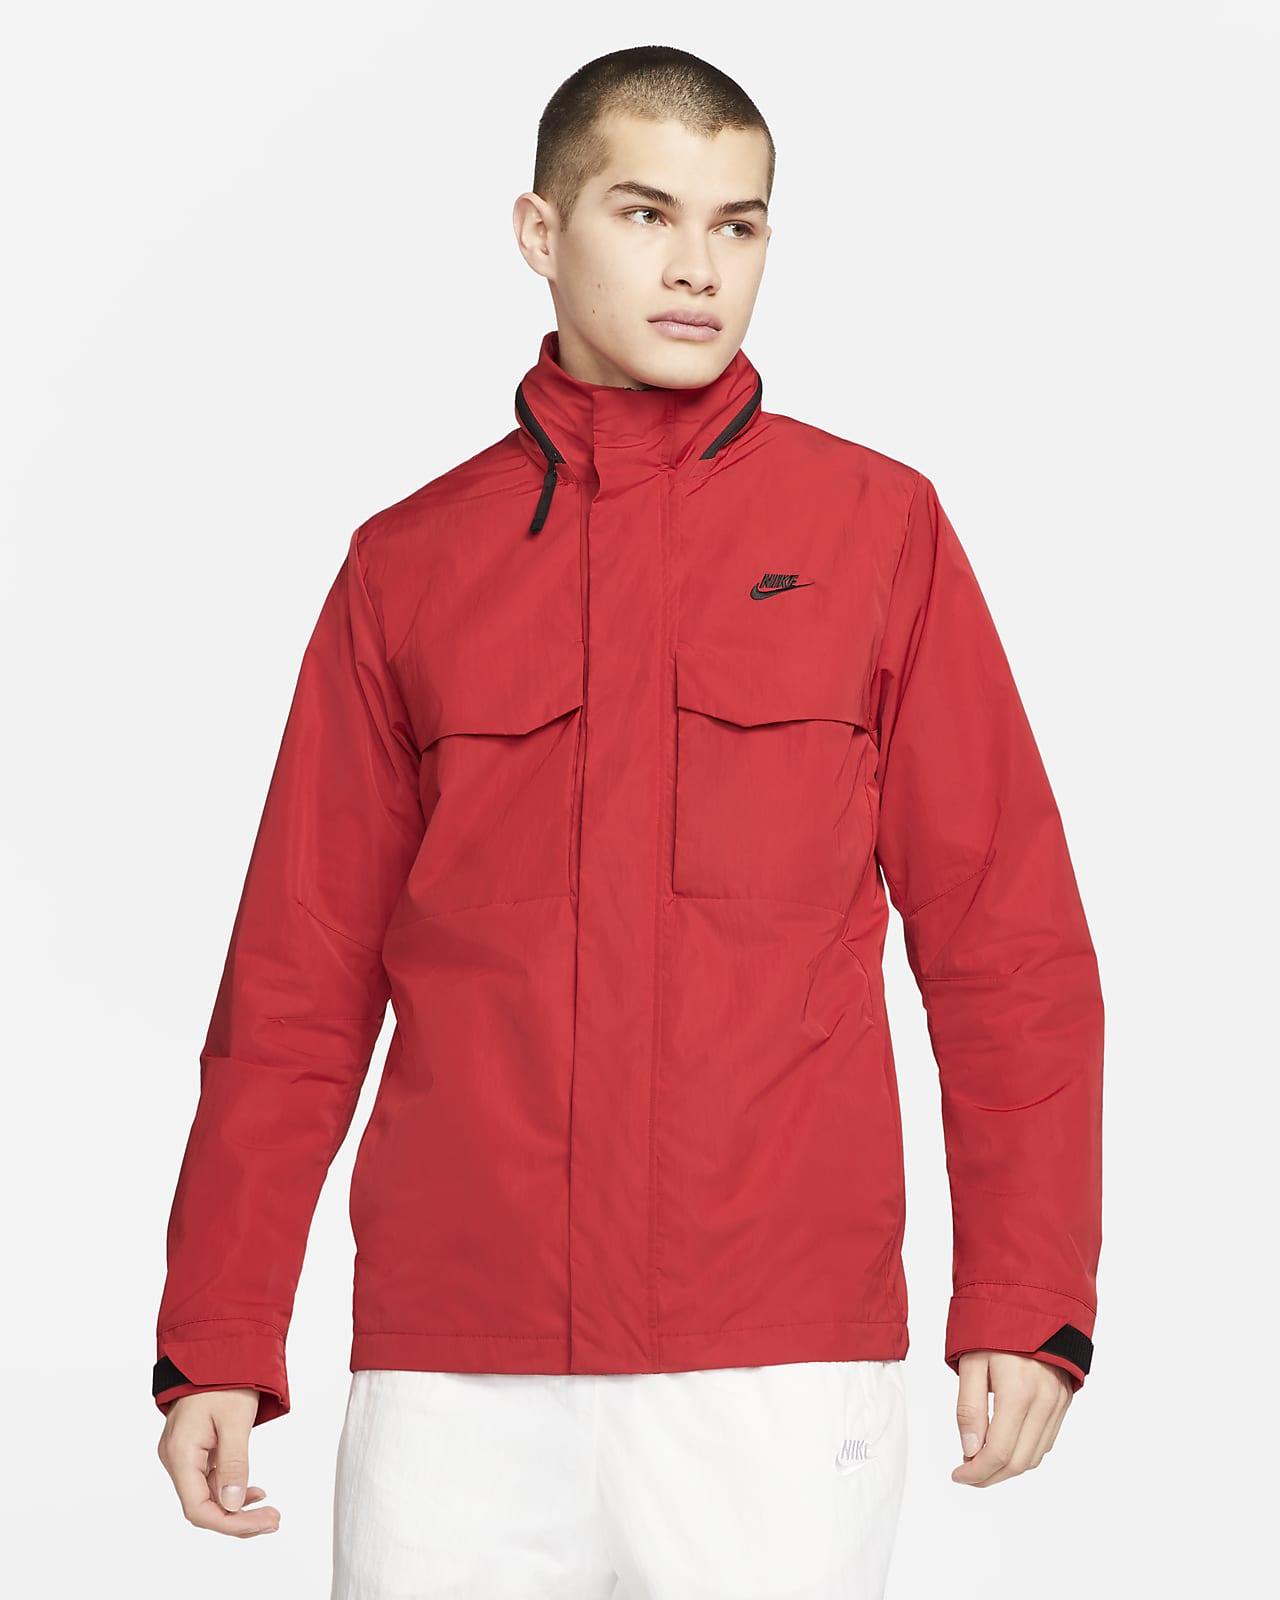 Nike Sportswear Men's Hooded M65 Jacket